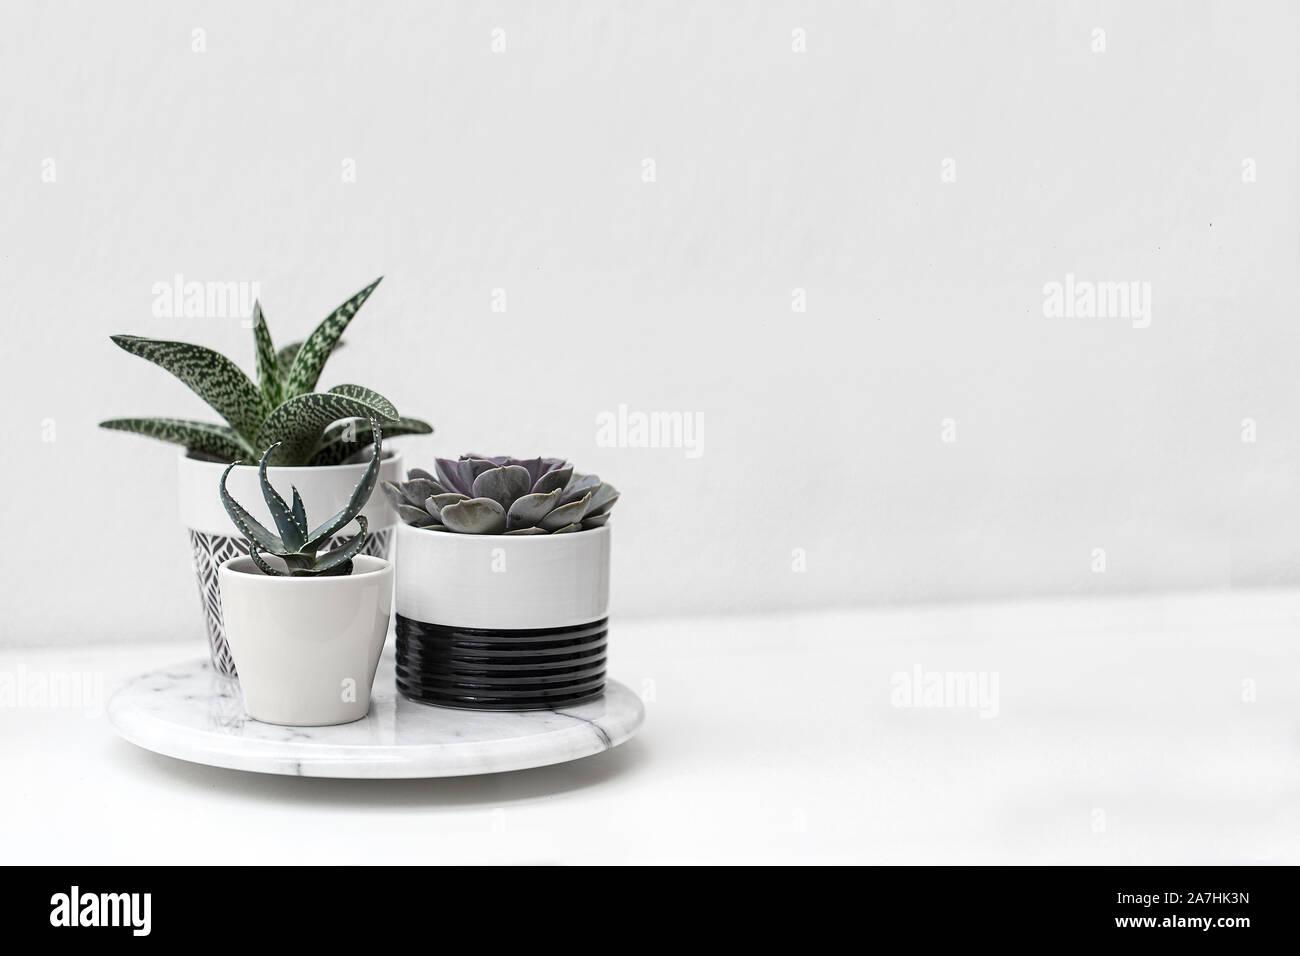 Les plantes succulentes en pot avec un fond blanc Banque D'Images